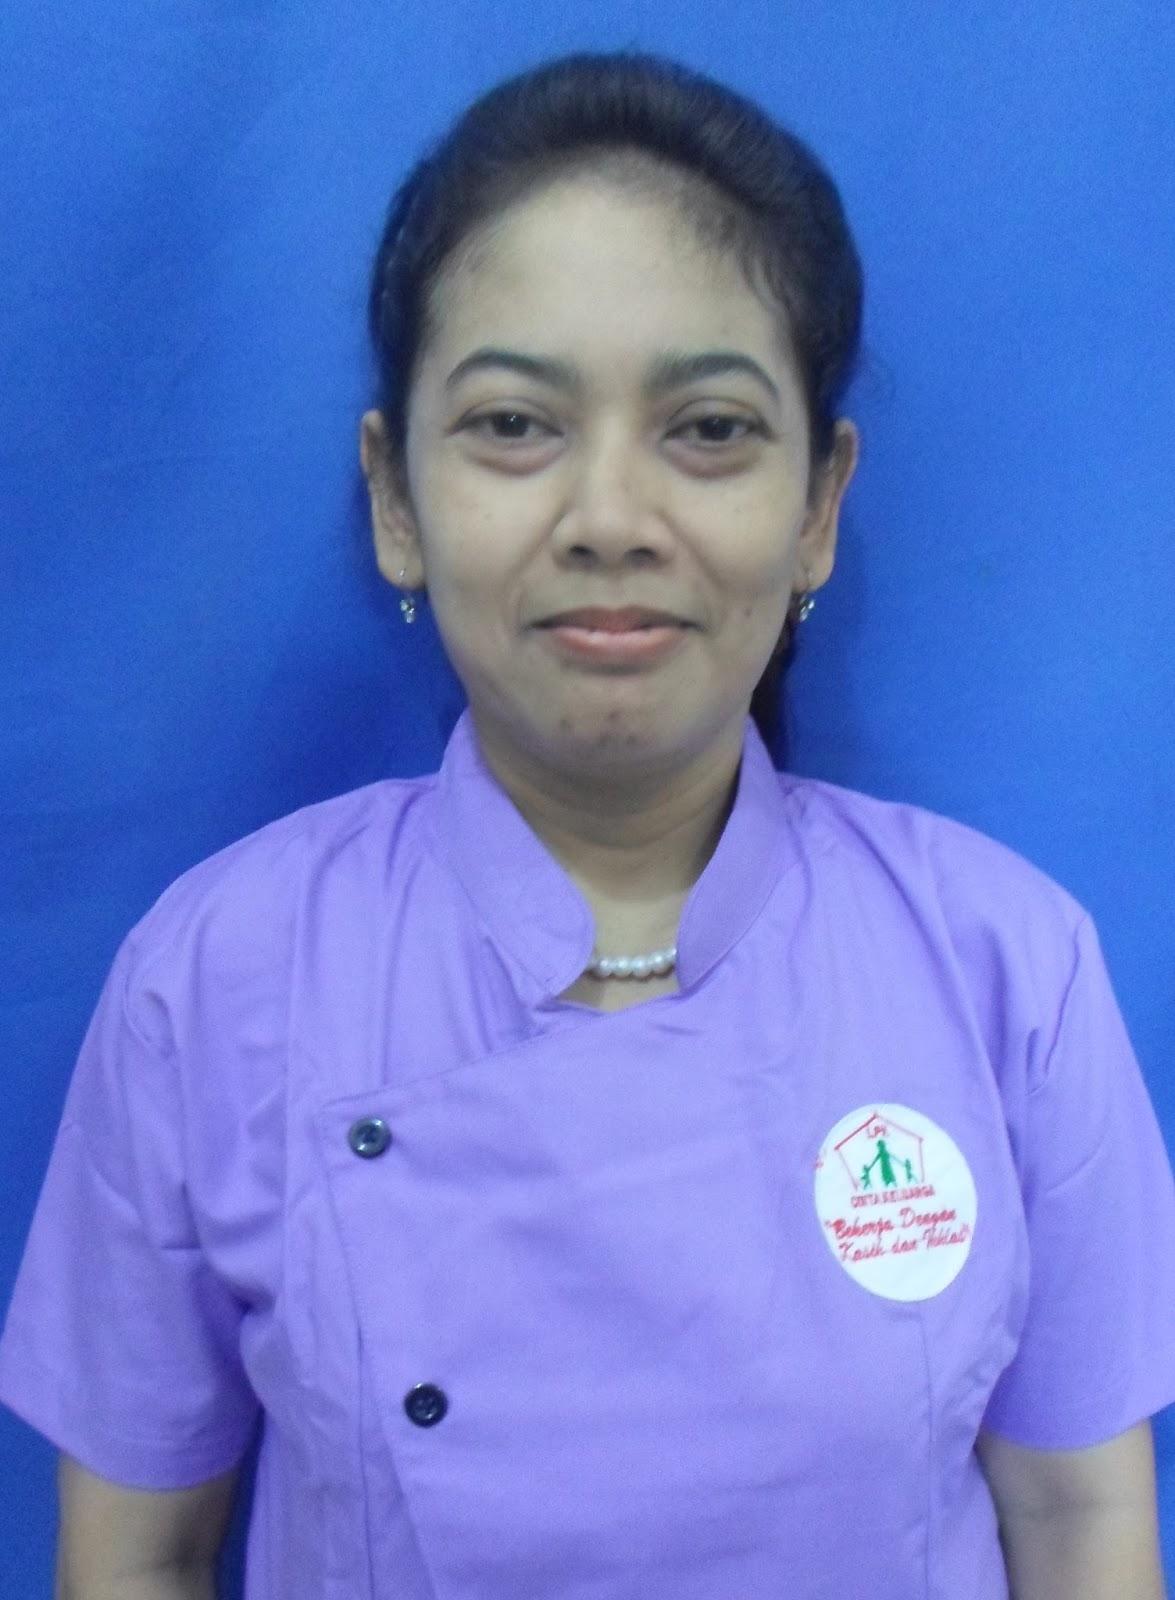 Asisten Rumah Tangga ART Faiqotul ~ LPK Cinta Keluarga Semarang